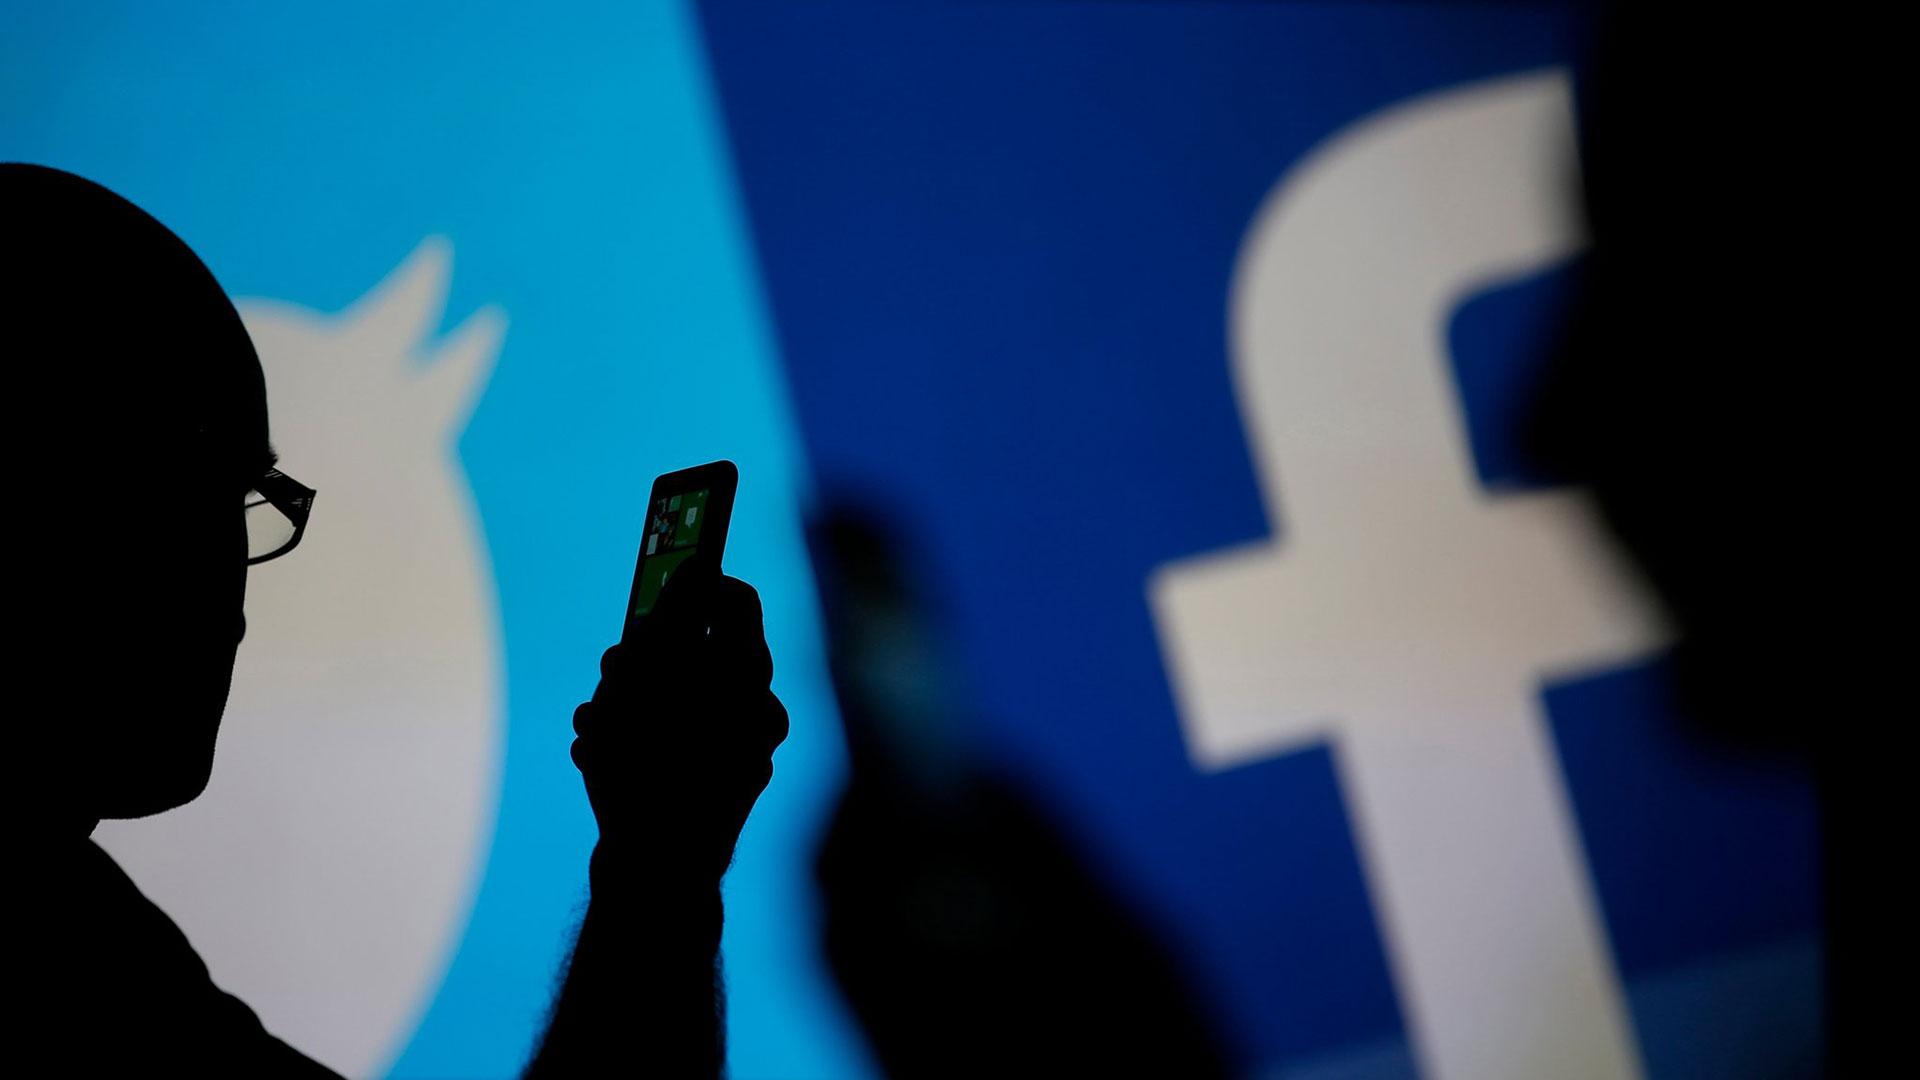 En Silicón Valley cuestionan si las redes sociales tienen un efecto positivo en la sociedad.